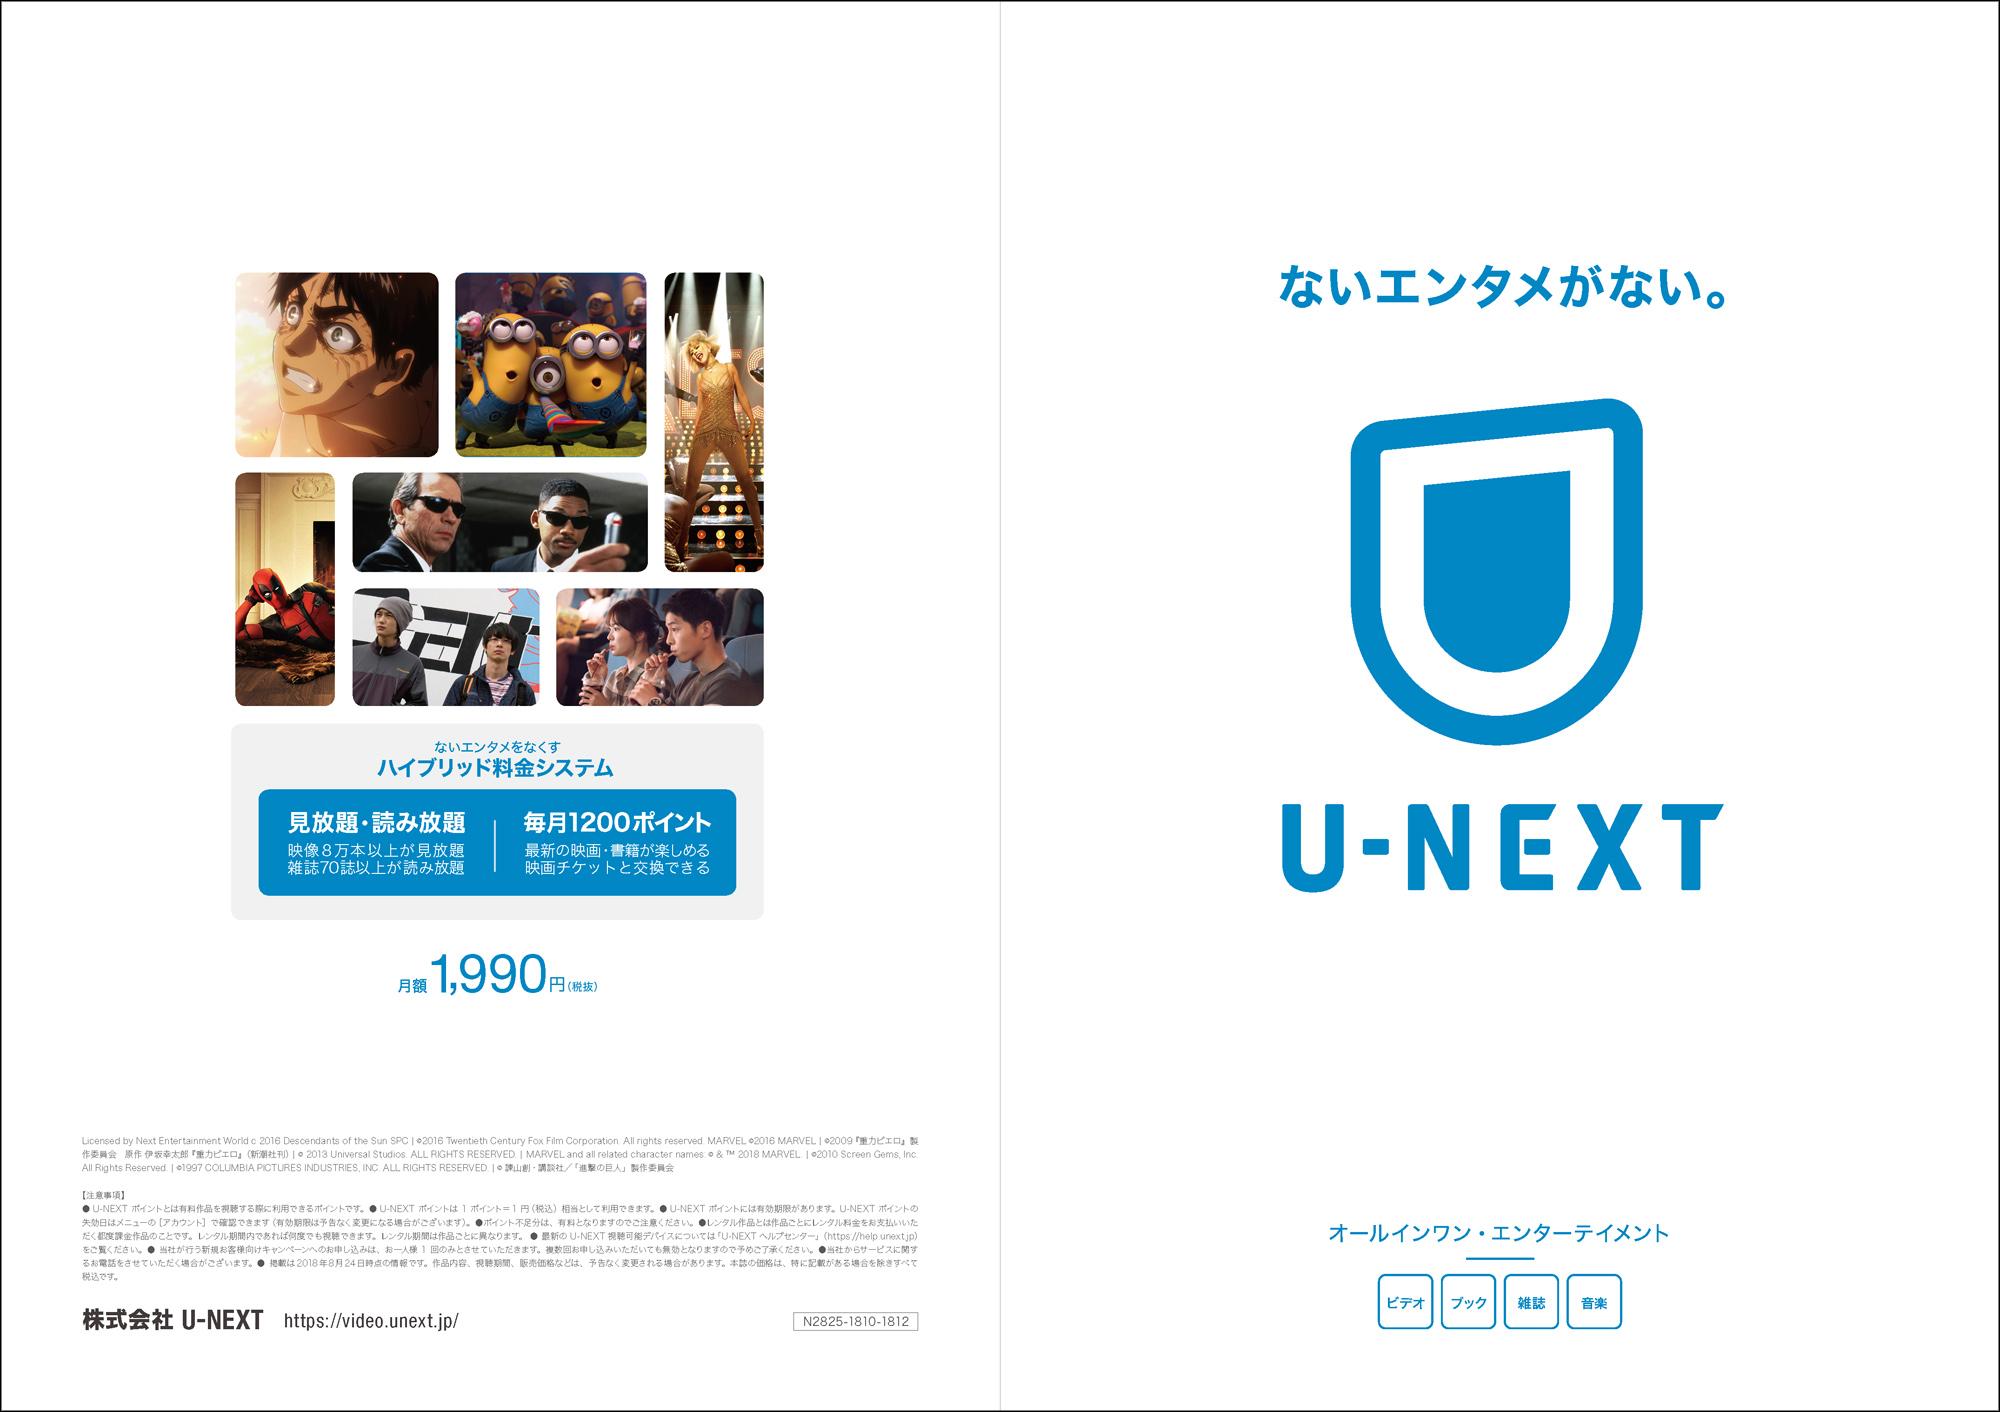 unext01